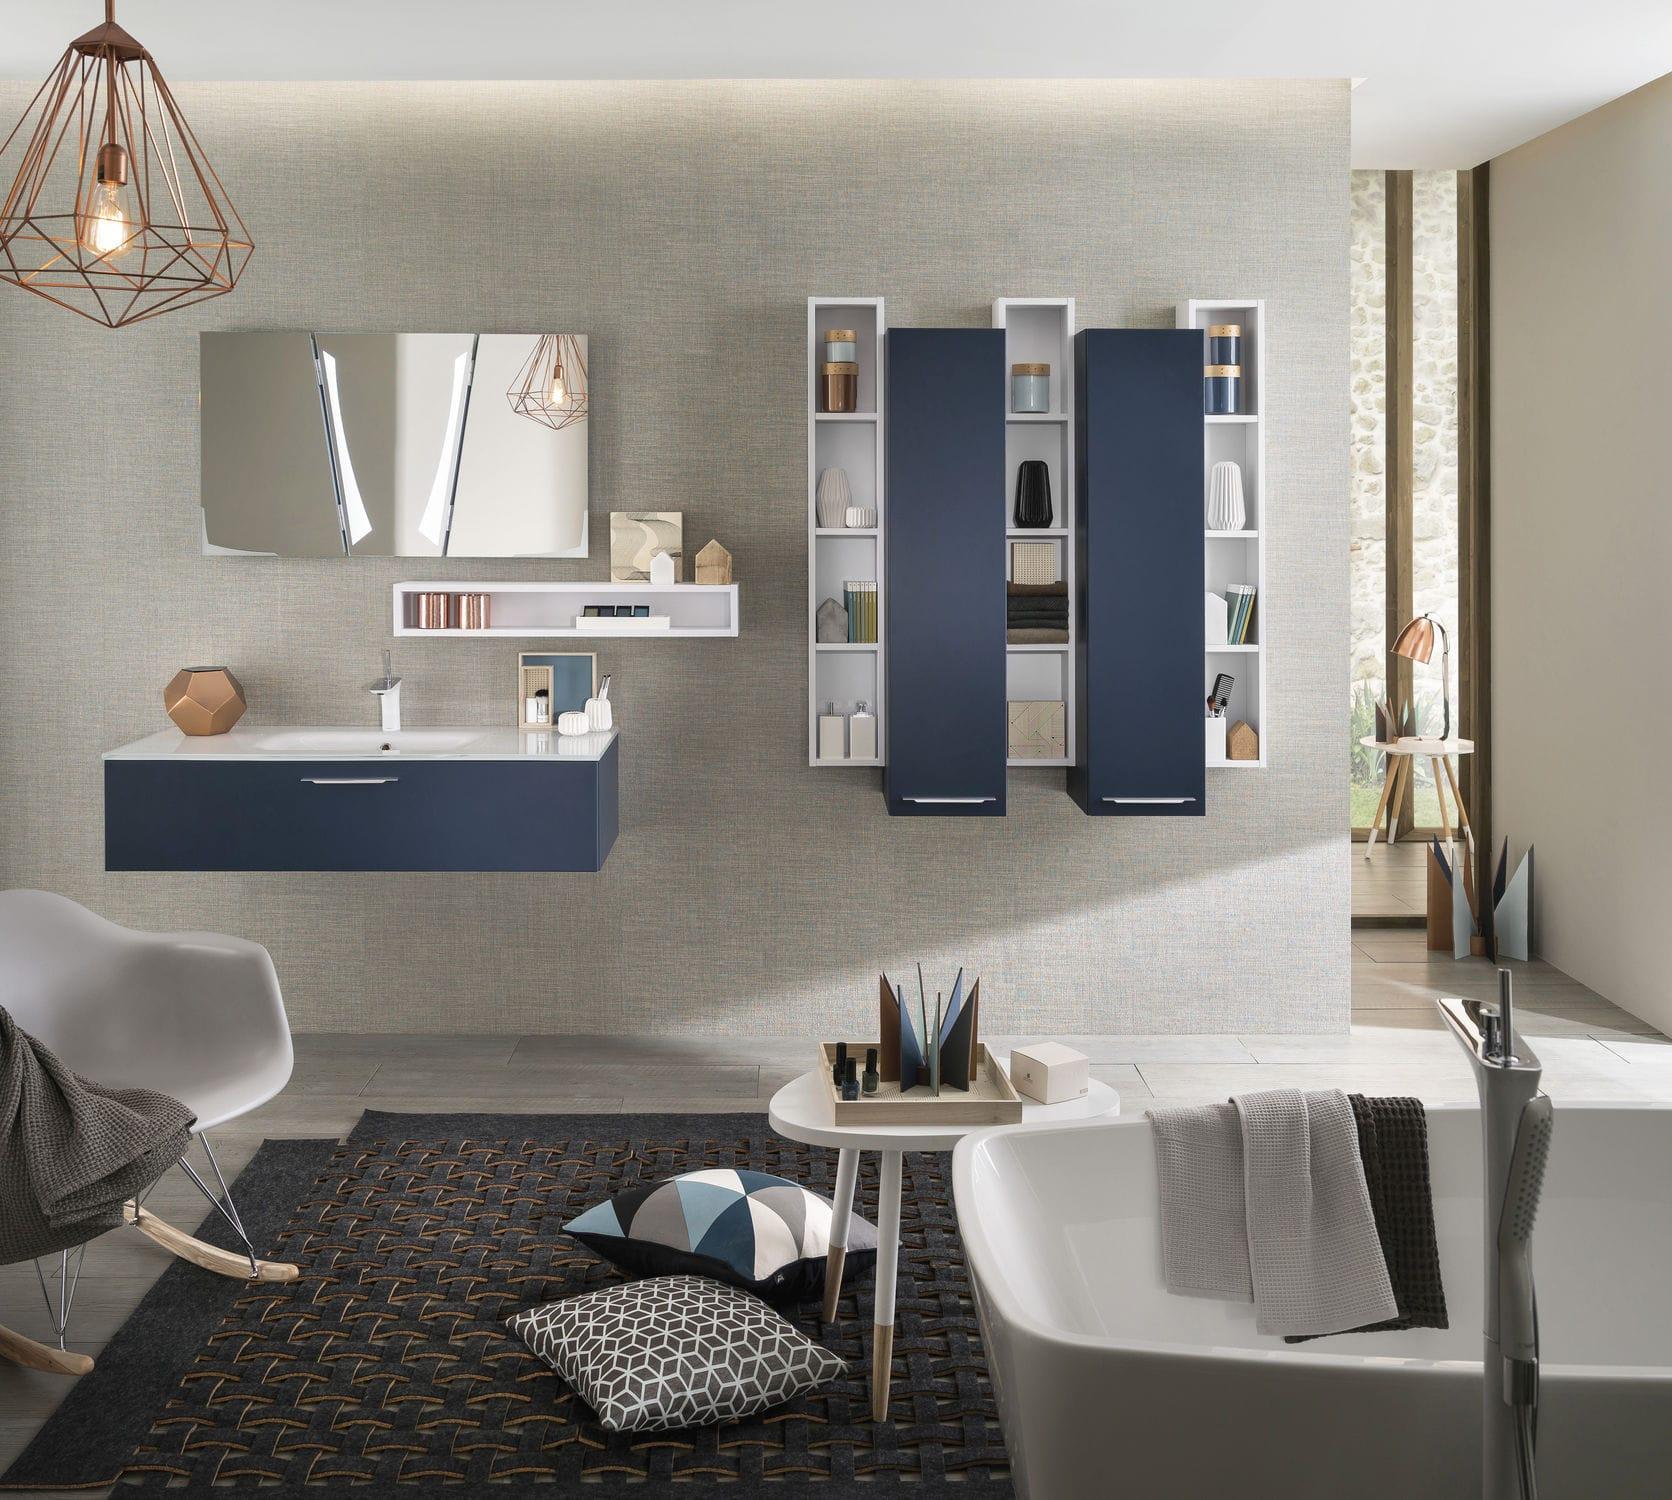 salle de bain contemporaine   en verre   laquée - UNIQUE Soft outremer mat 3bb1d4a19cb8